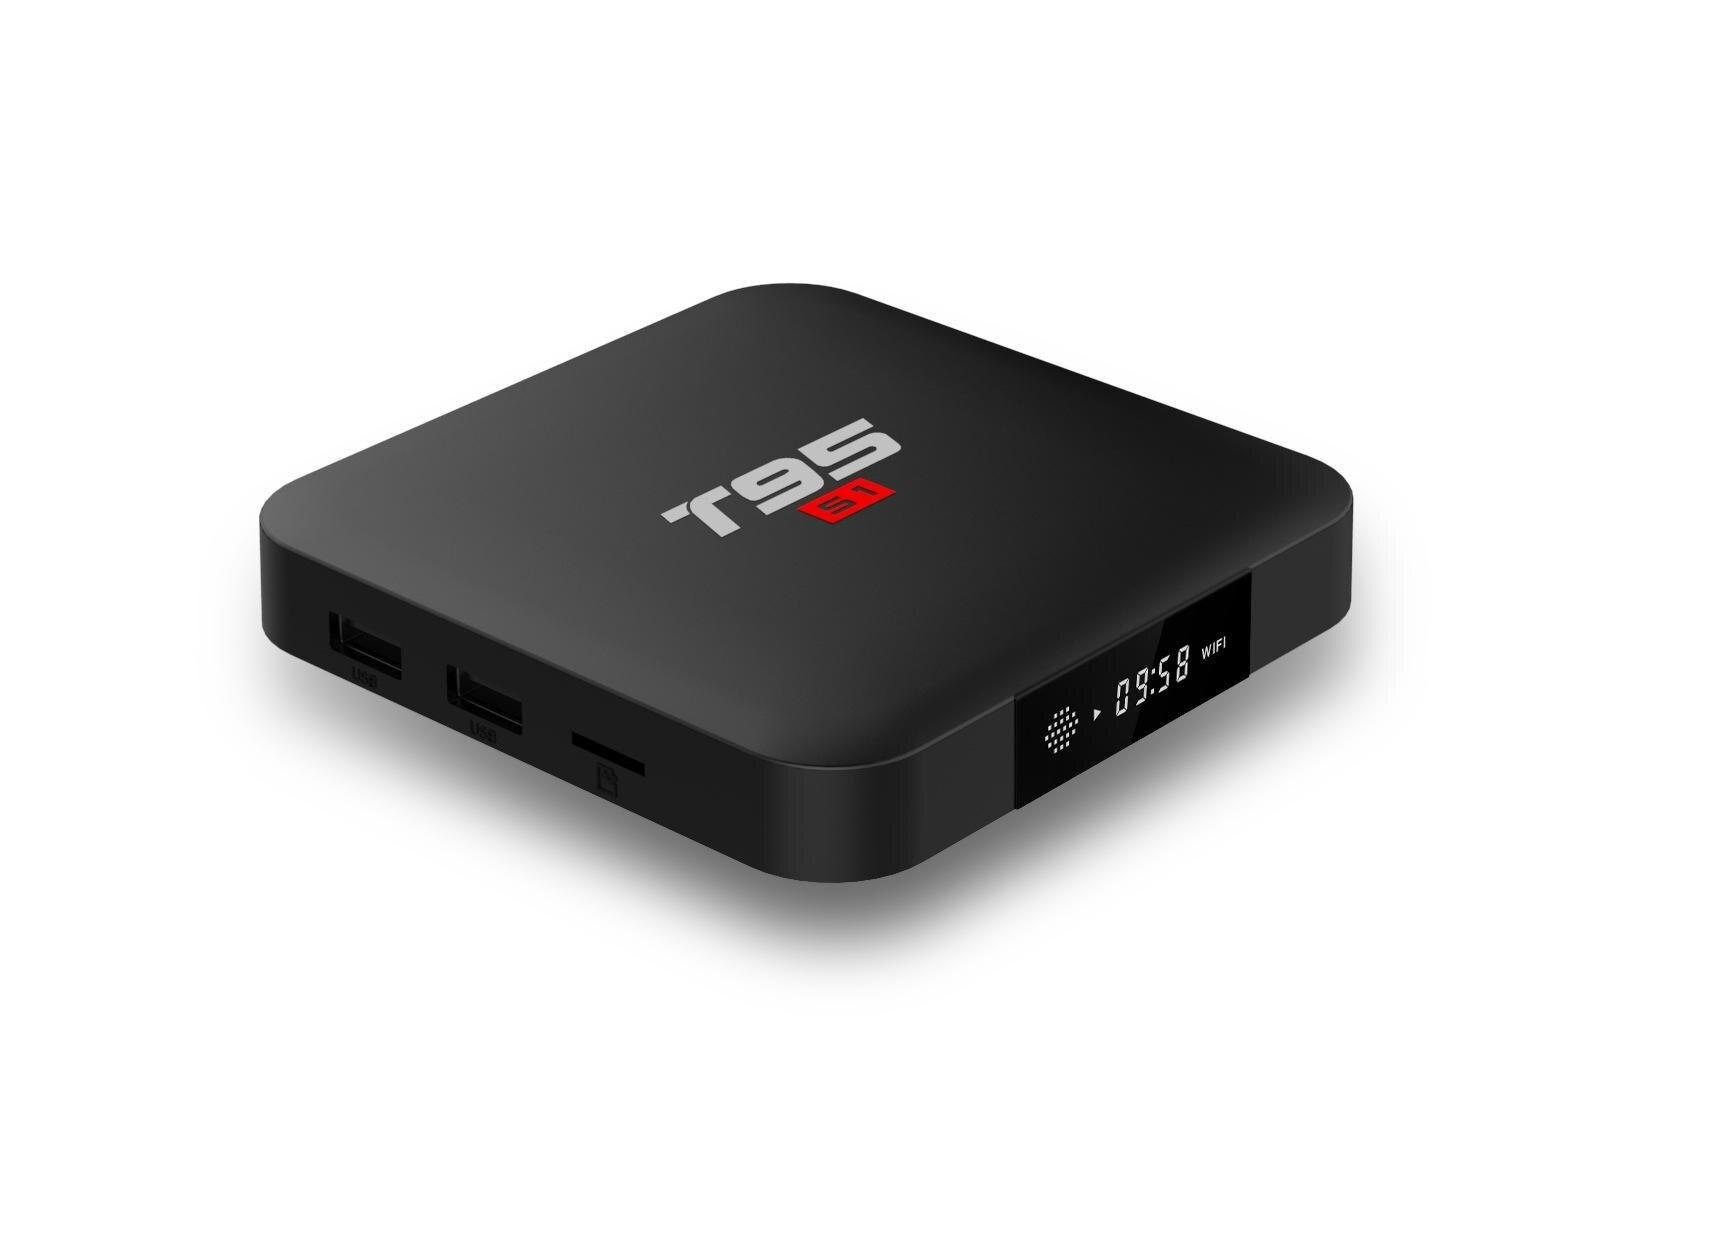 Mini PC, TV Box T95 S1, 4K, Android 7.1, 1GB RAM, 8GB ROM, Allwinner S905W, Quad Core, Mali-450, USB 2.0, WiFi imagine techstar.ro 2021